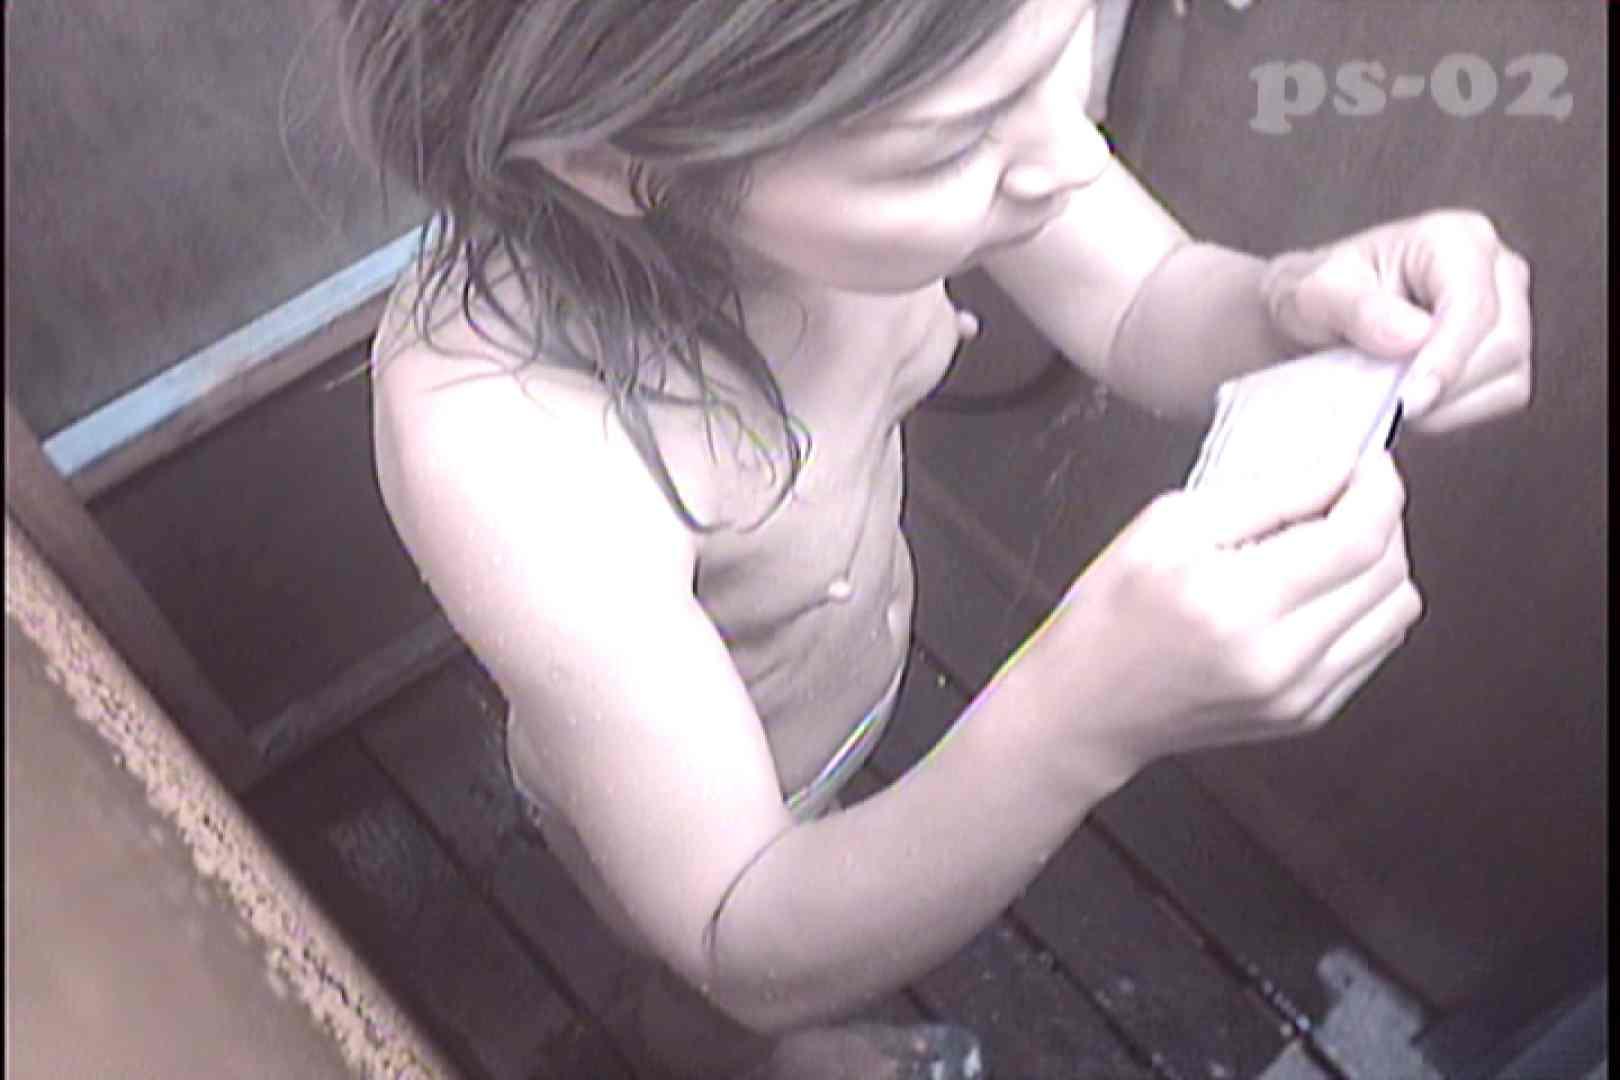 File.09 貧乳そして大きな乳首のお姉さん 盗撮 オメコ無修正動画無料 54画像 23